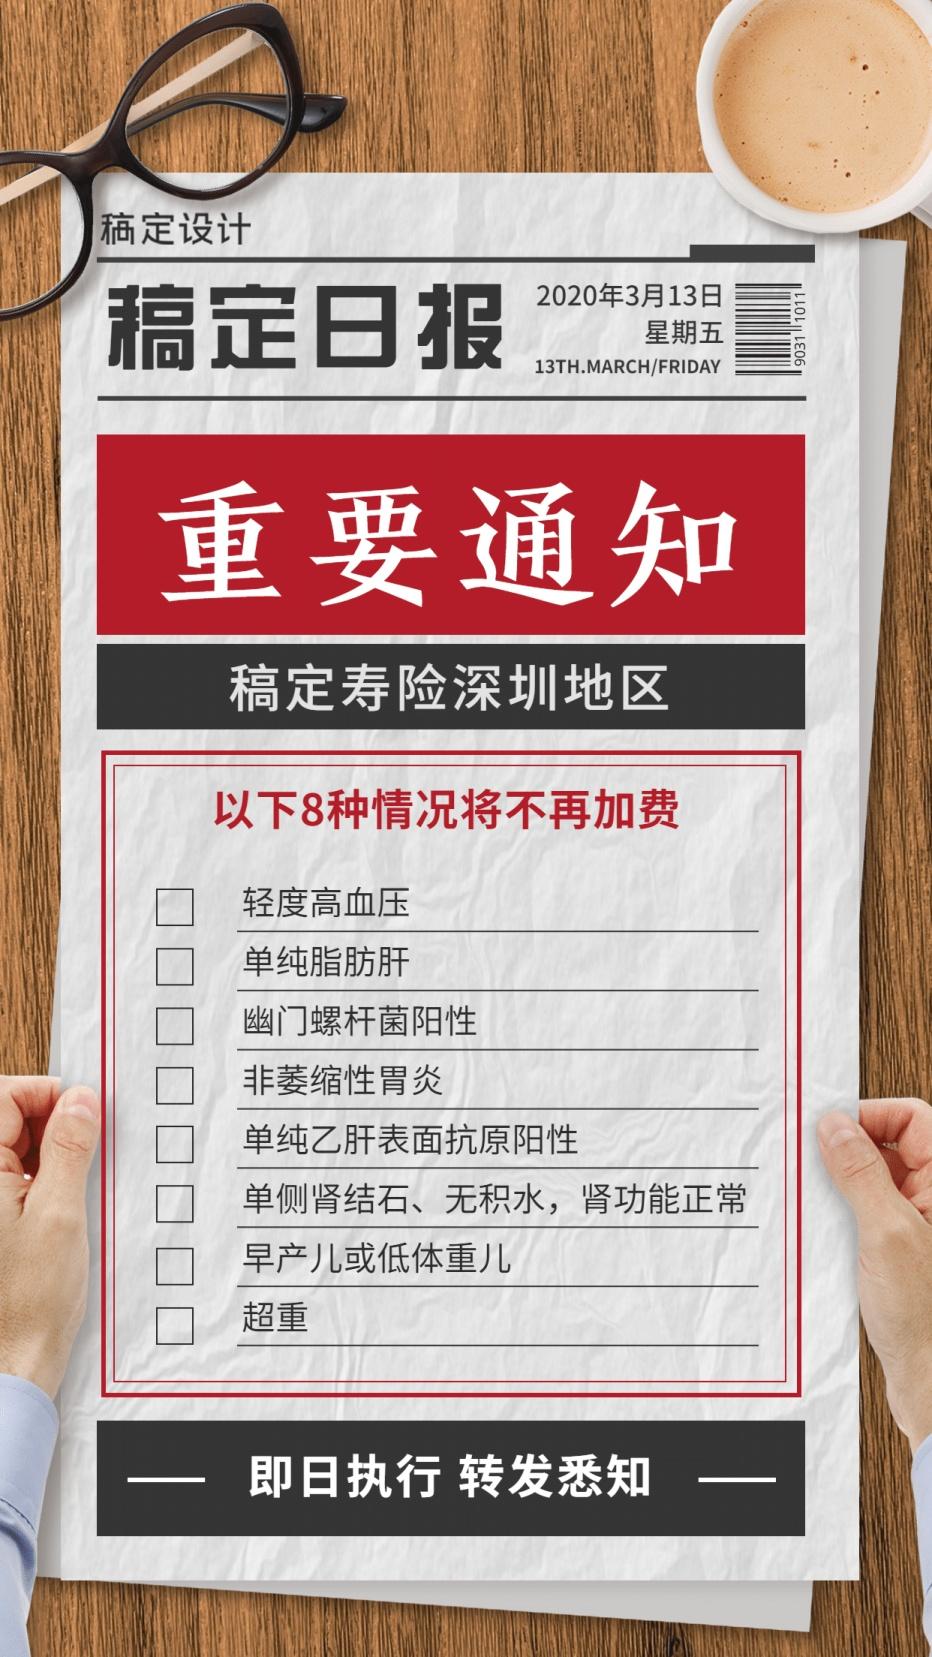 保险寿险重要通知手机海报